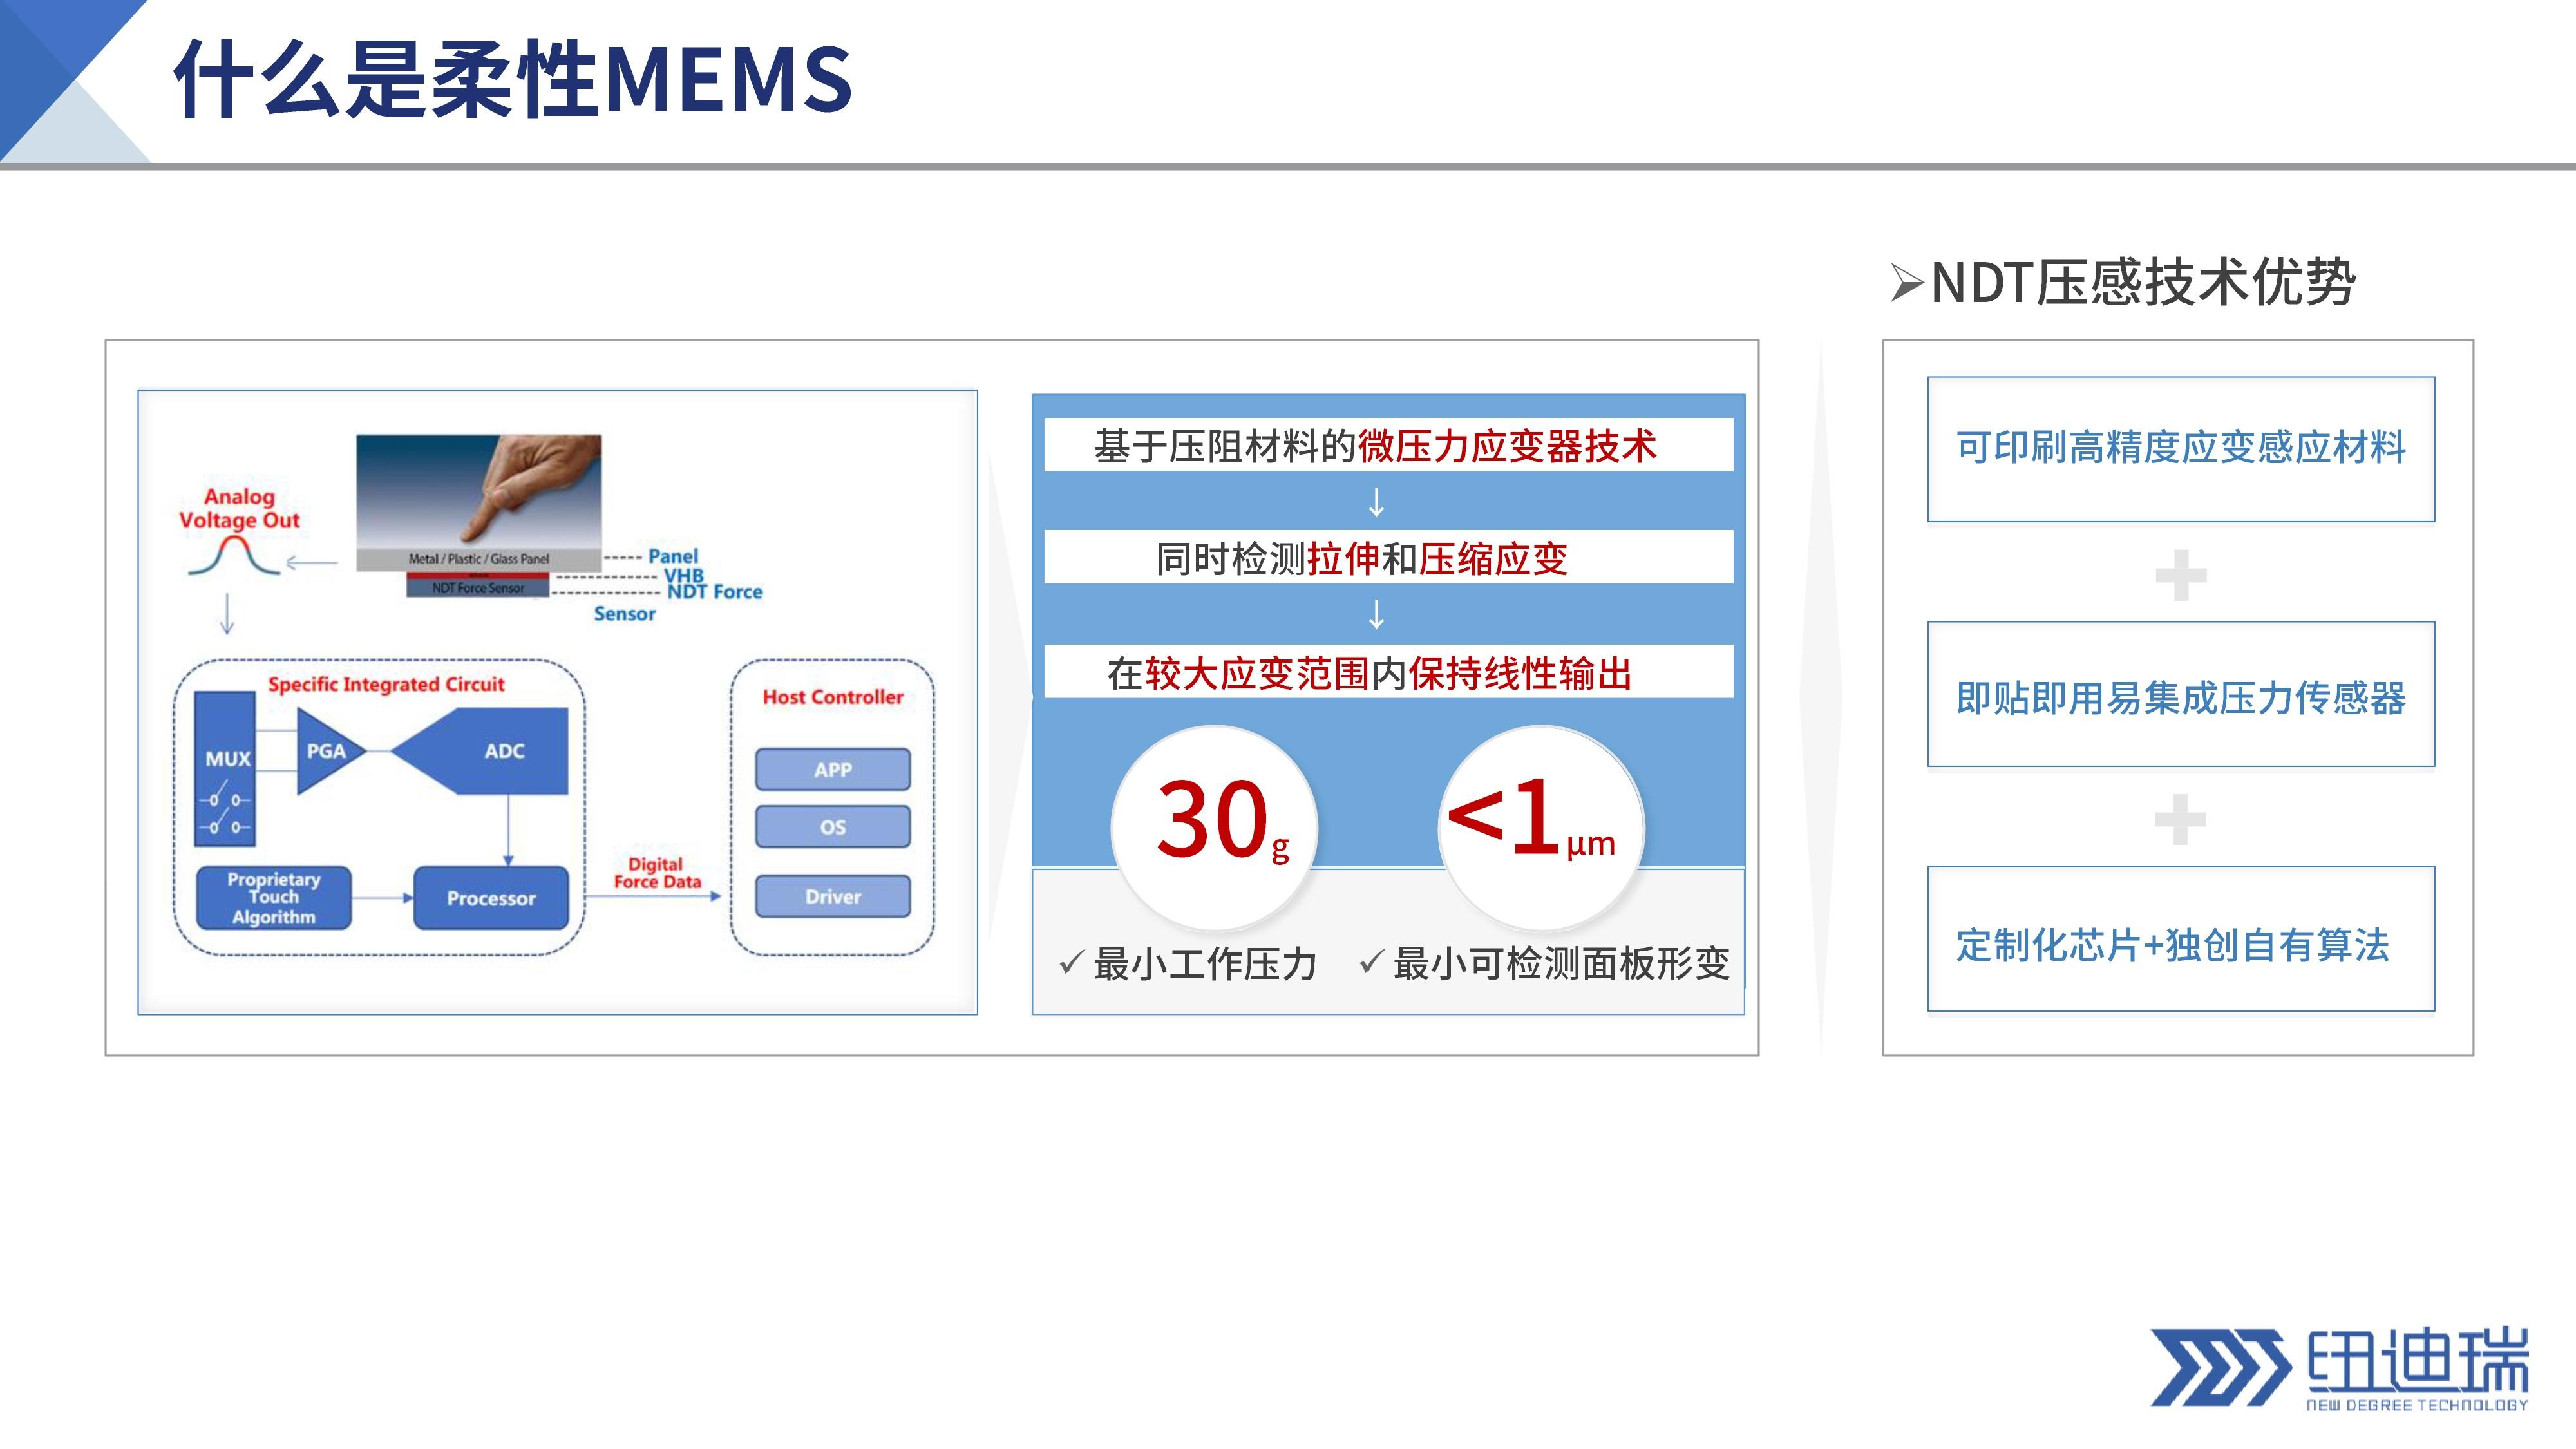 NDT-图2.jpg